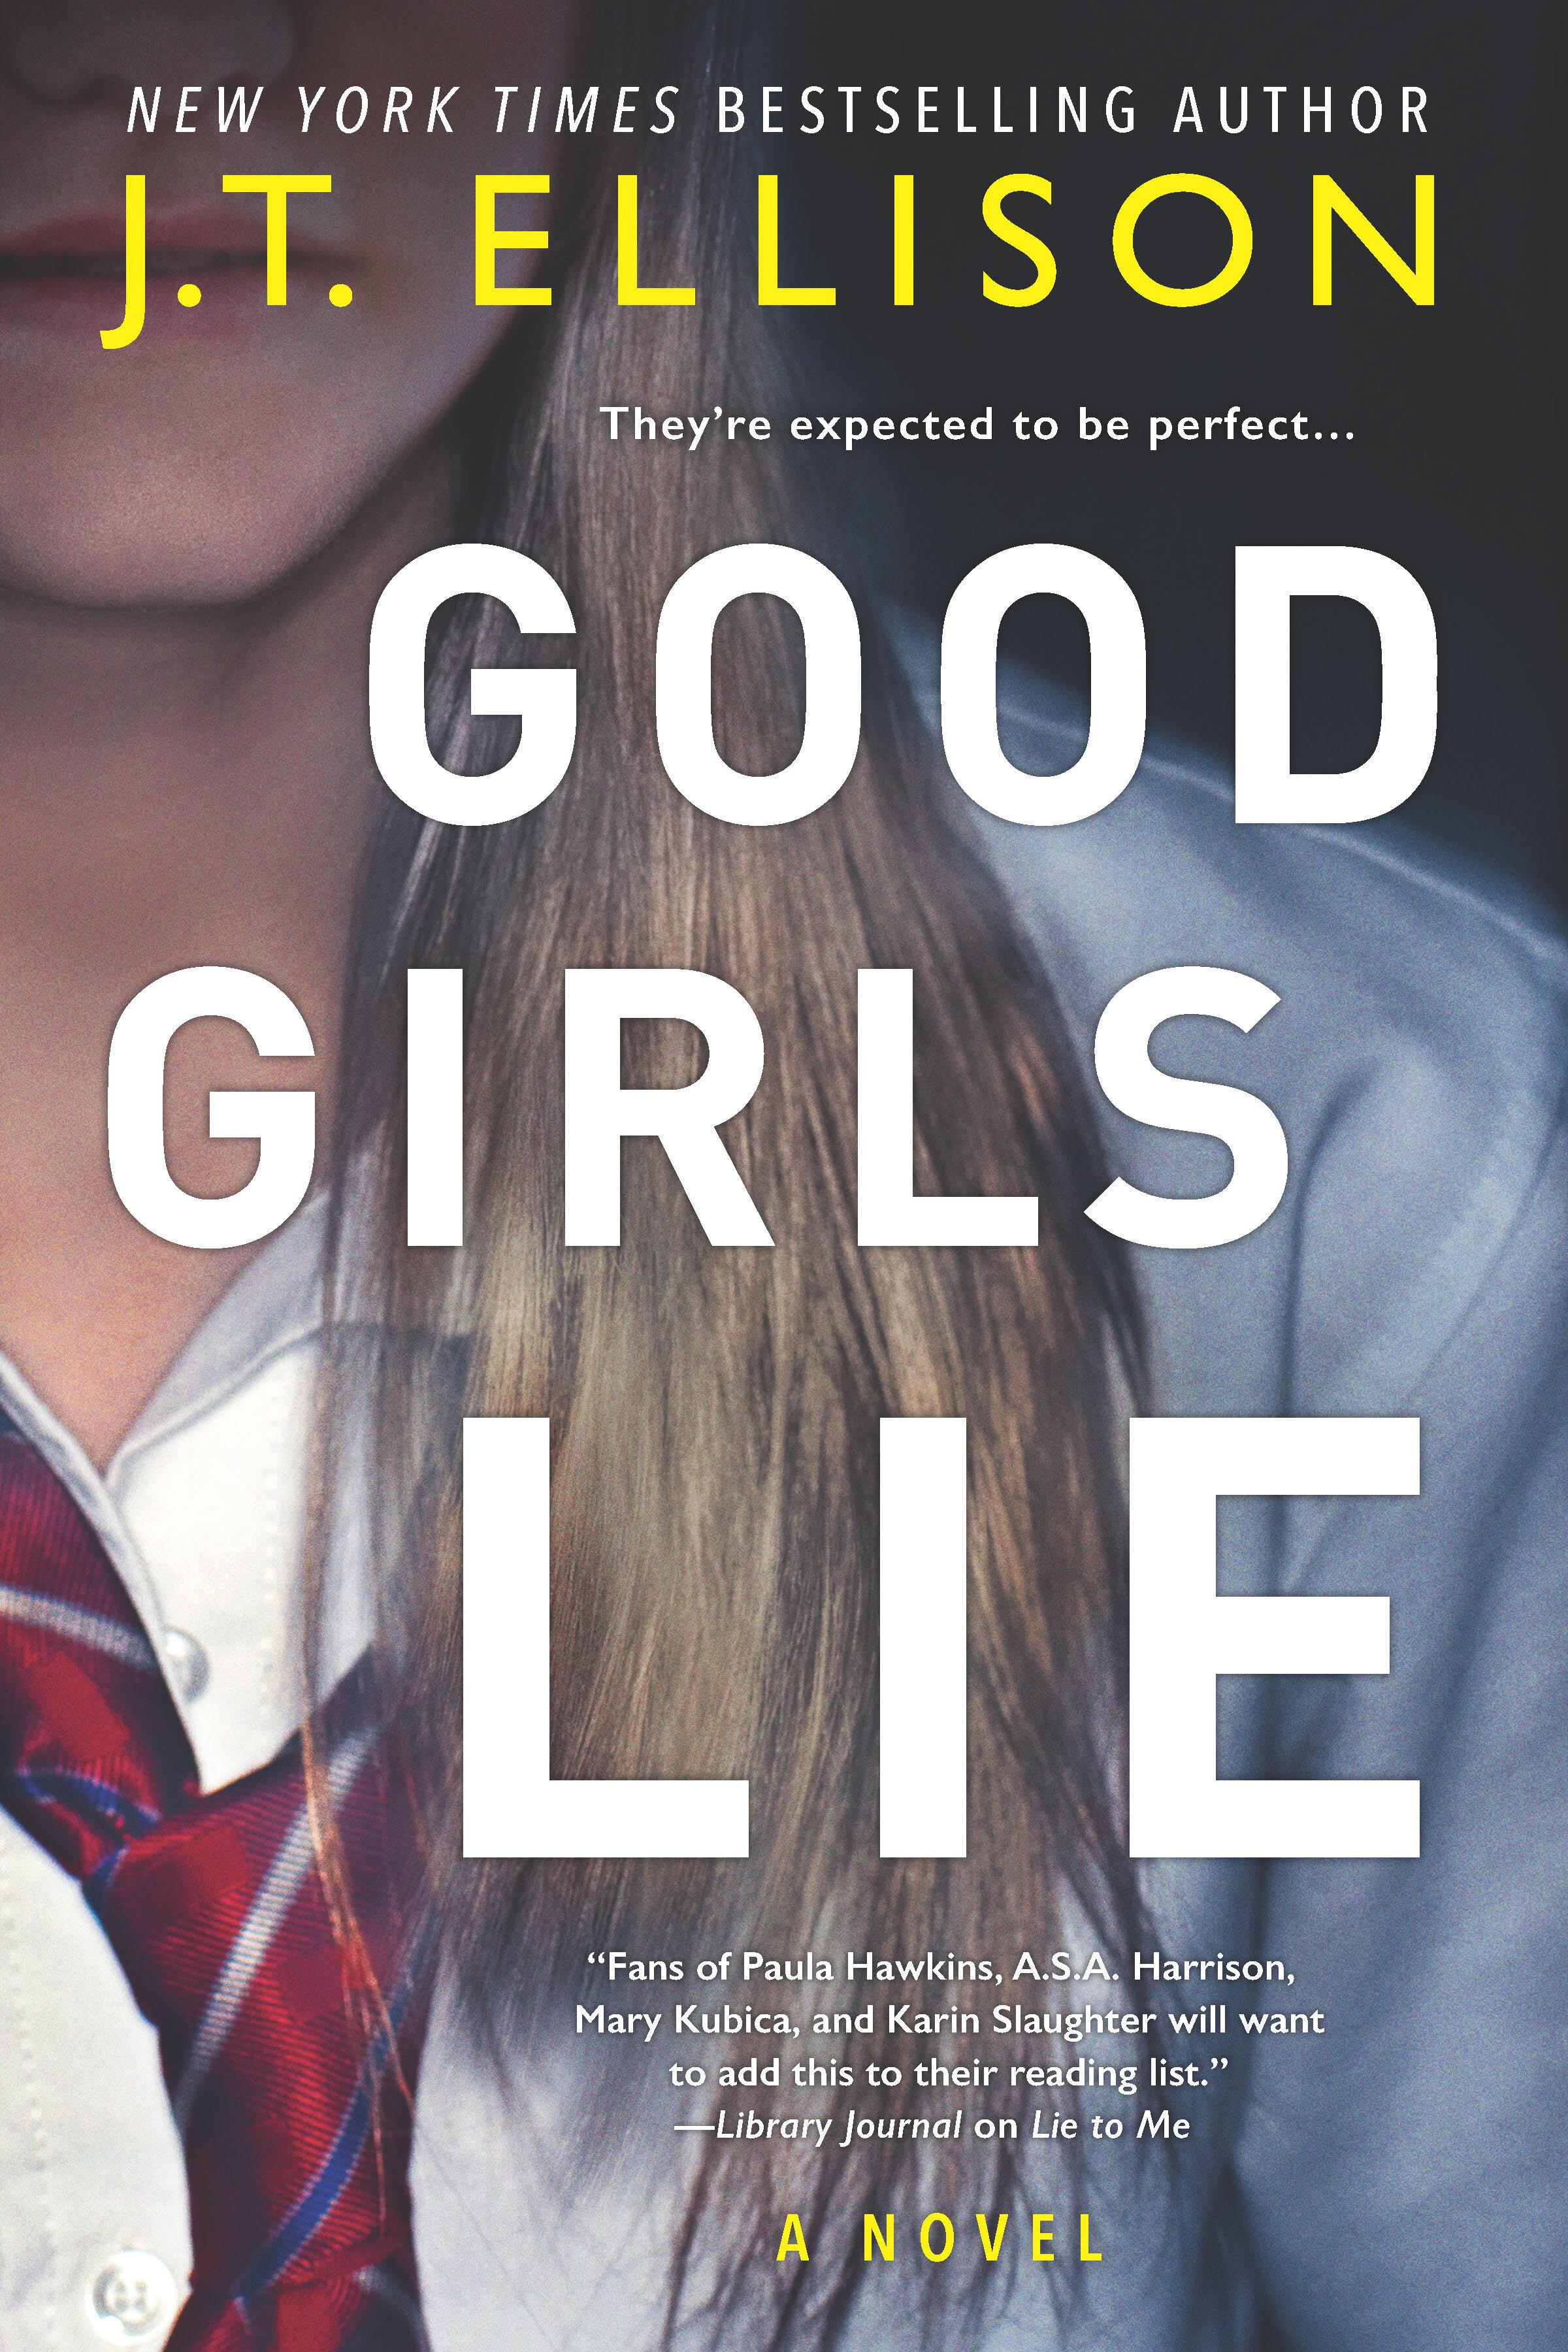 GOOD GIRLS LIE final.jpg